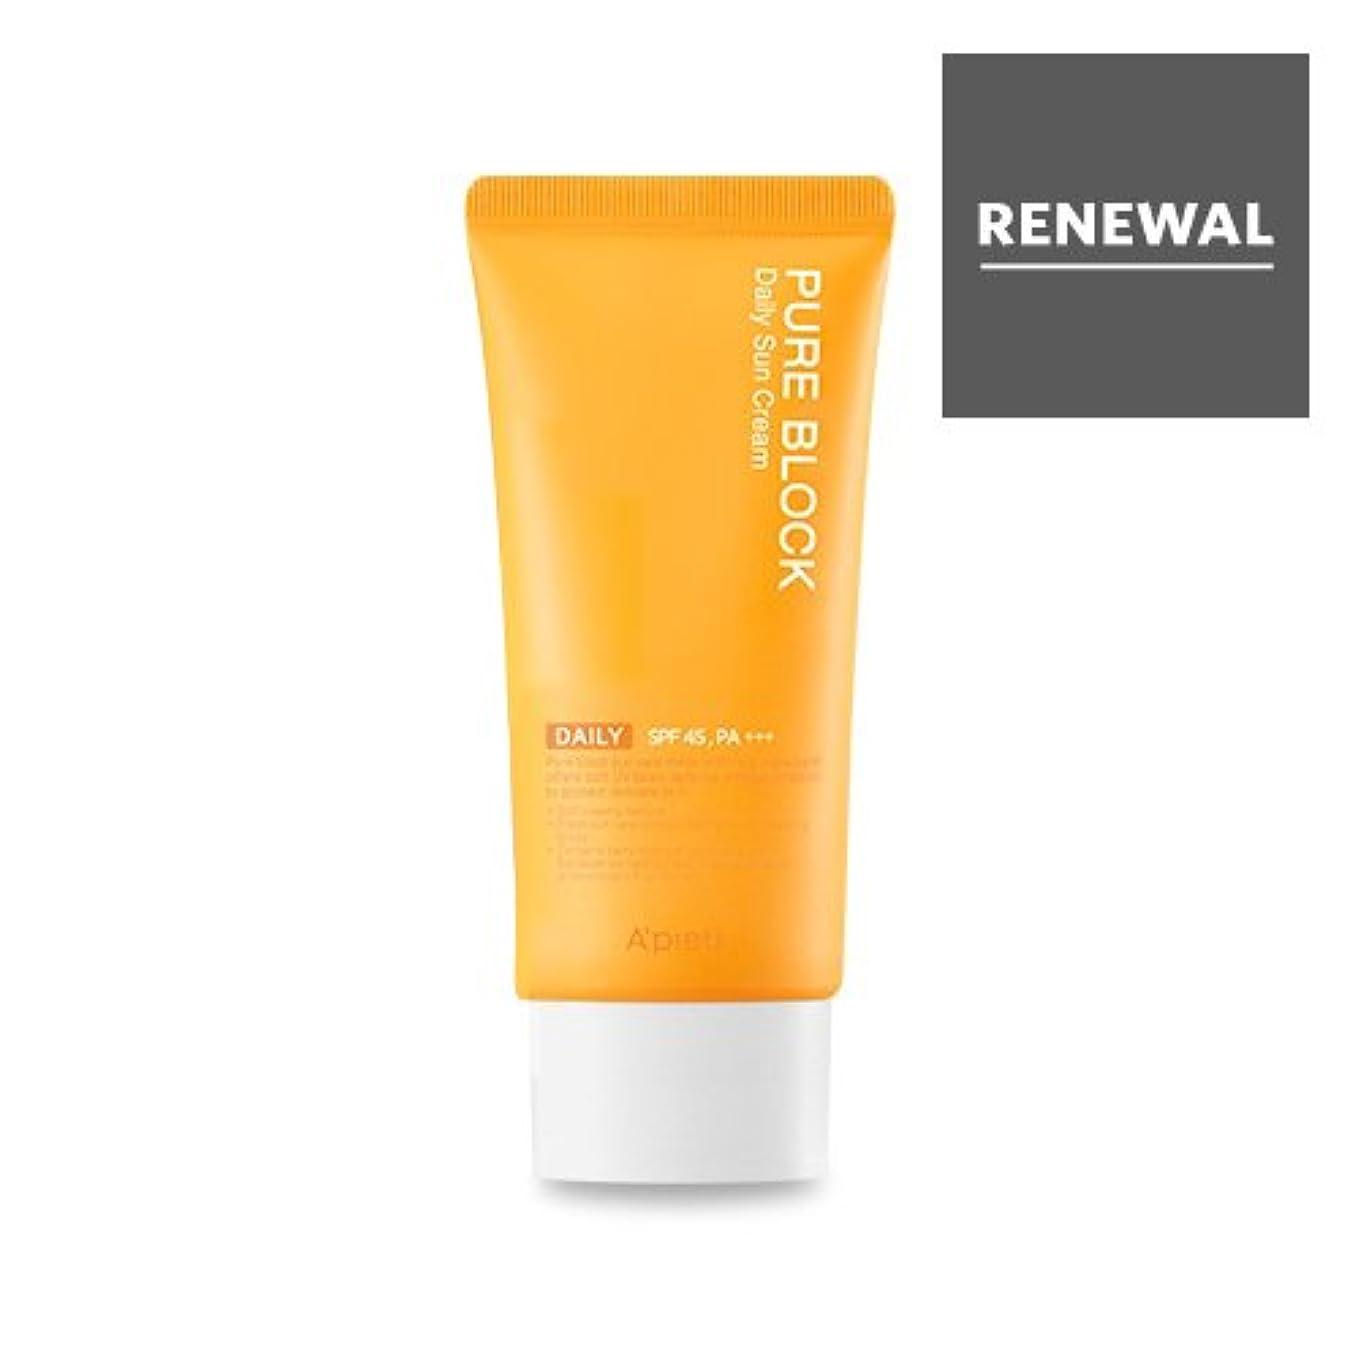 労苦消費する精度APIEU Pure Block Daily Sun Cream SPF45/PA+++/アピュ ピュア ブロック デイリー サンクリーム 50ml [並行輸入品]